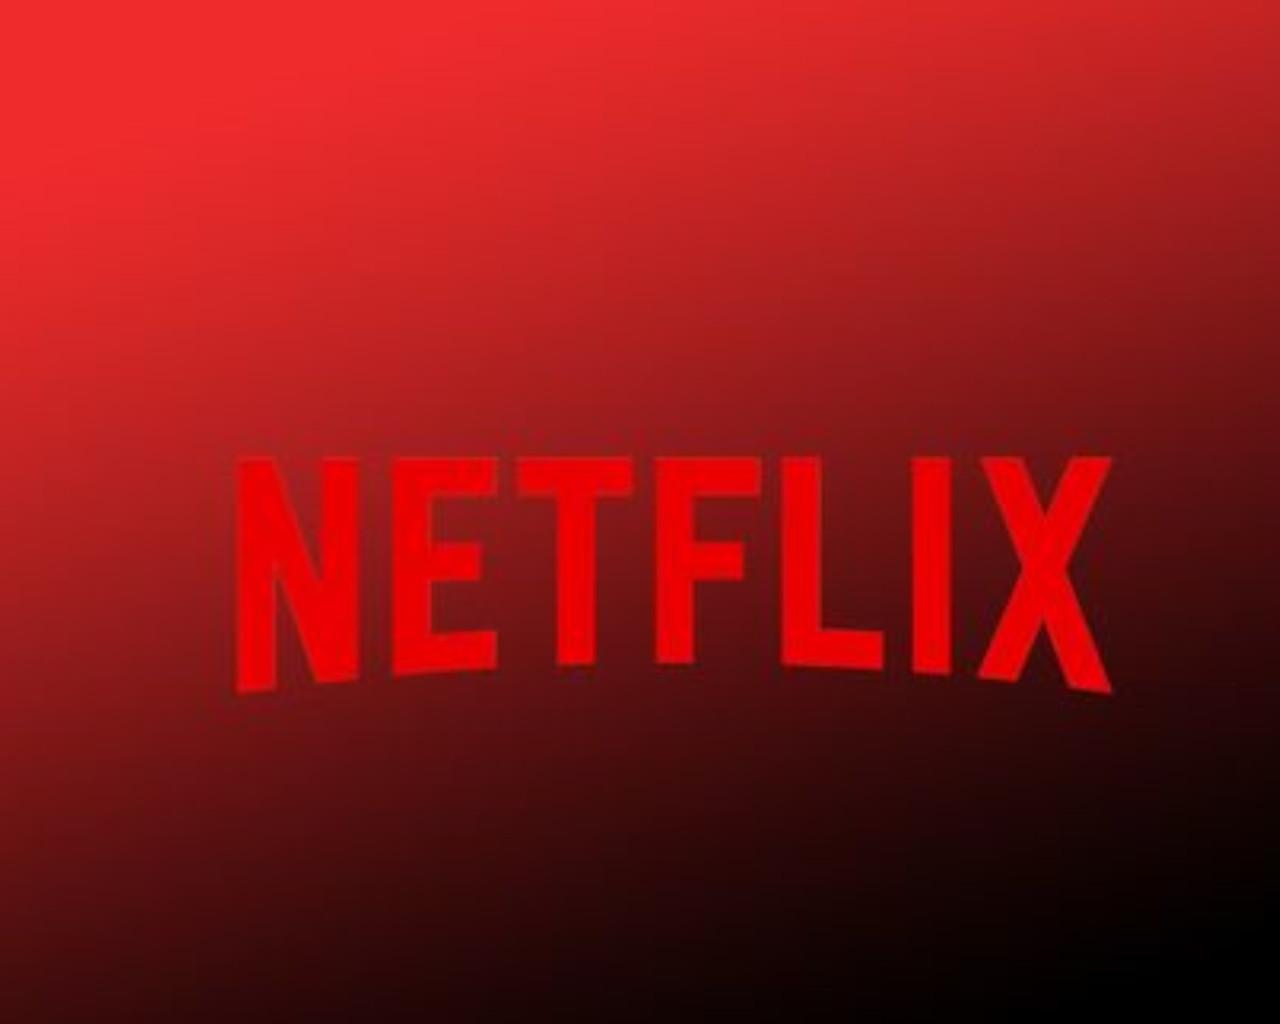 netflix,netflix ταινιεσ,netflix login,netflix movies,netflix ταινιεσ 2020,netflix free,netflix series,netflix party,netflix ταινιεσ 2020,netflix σειρεσ